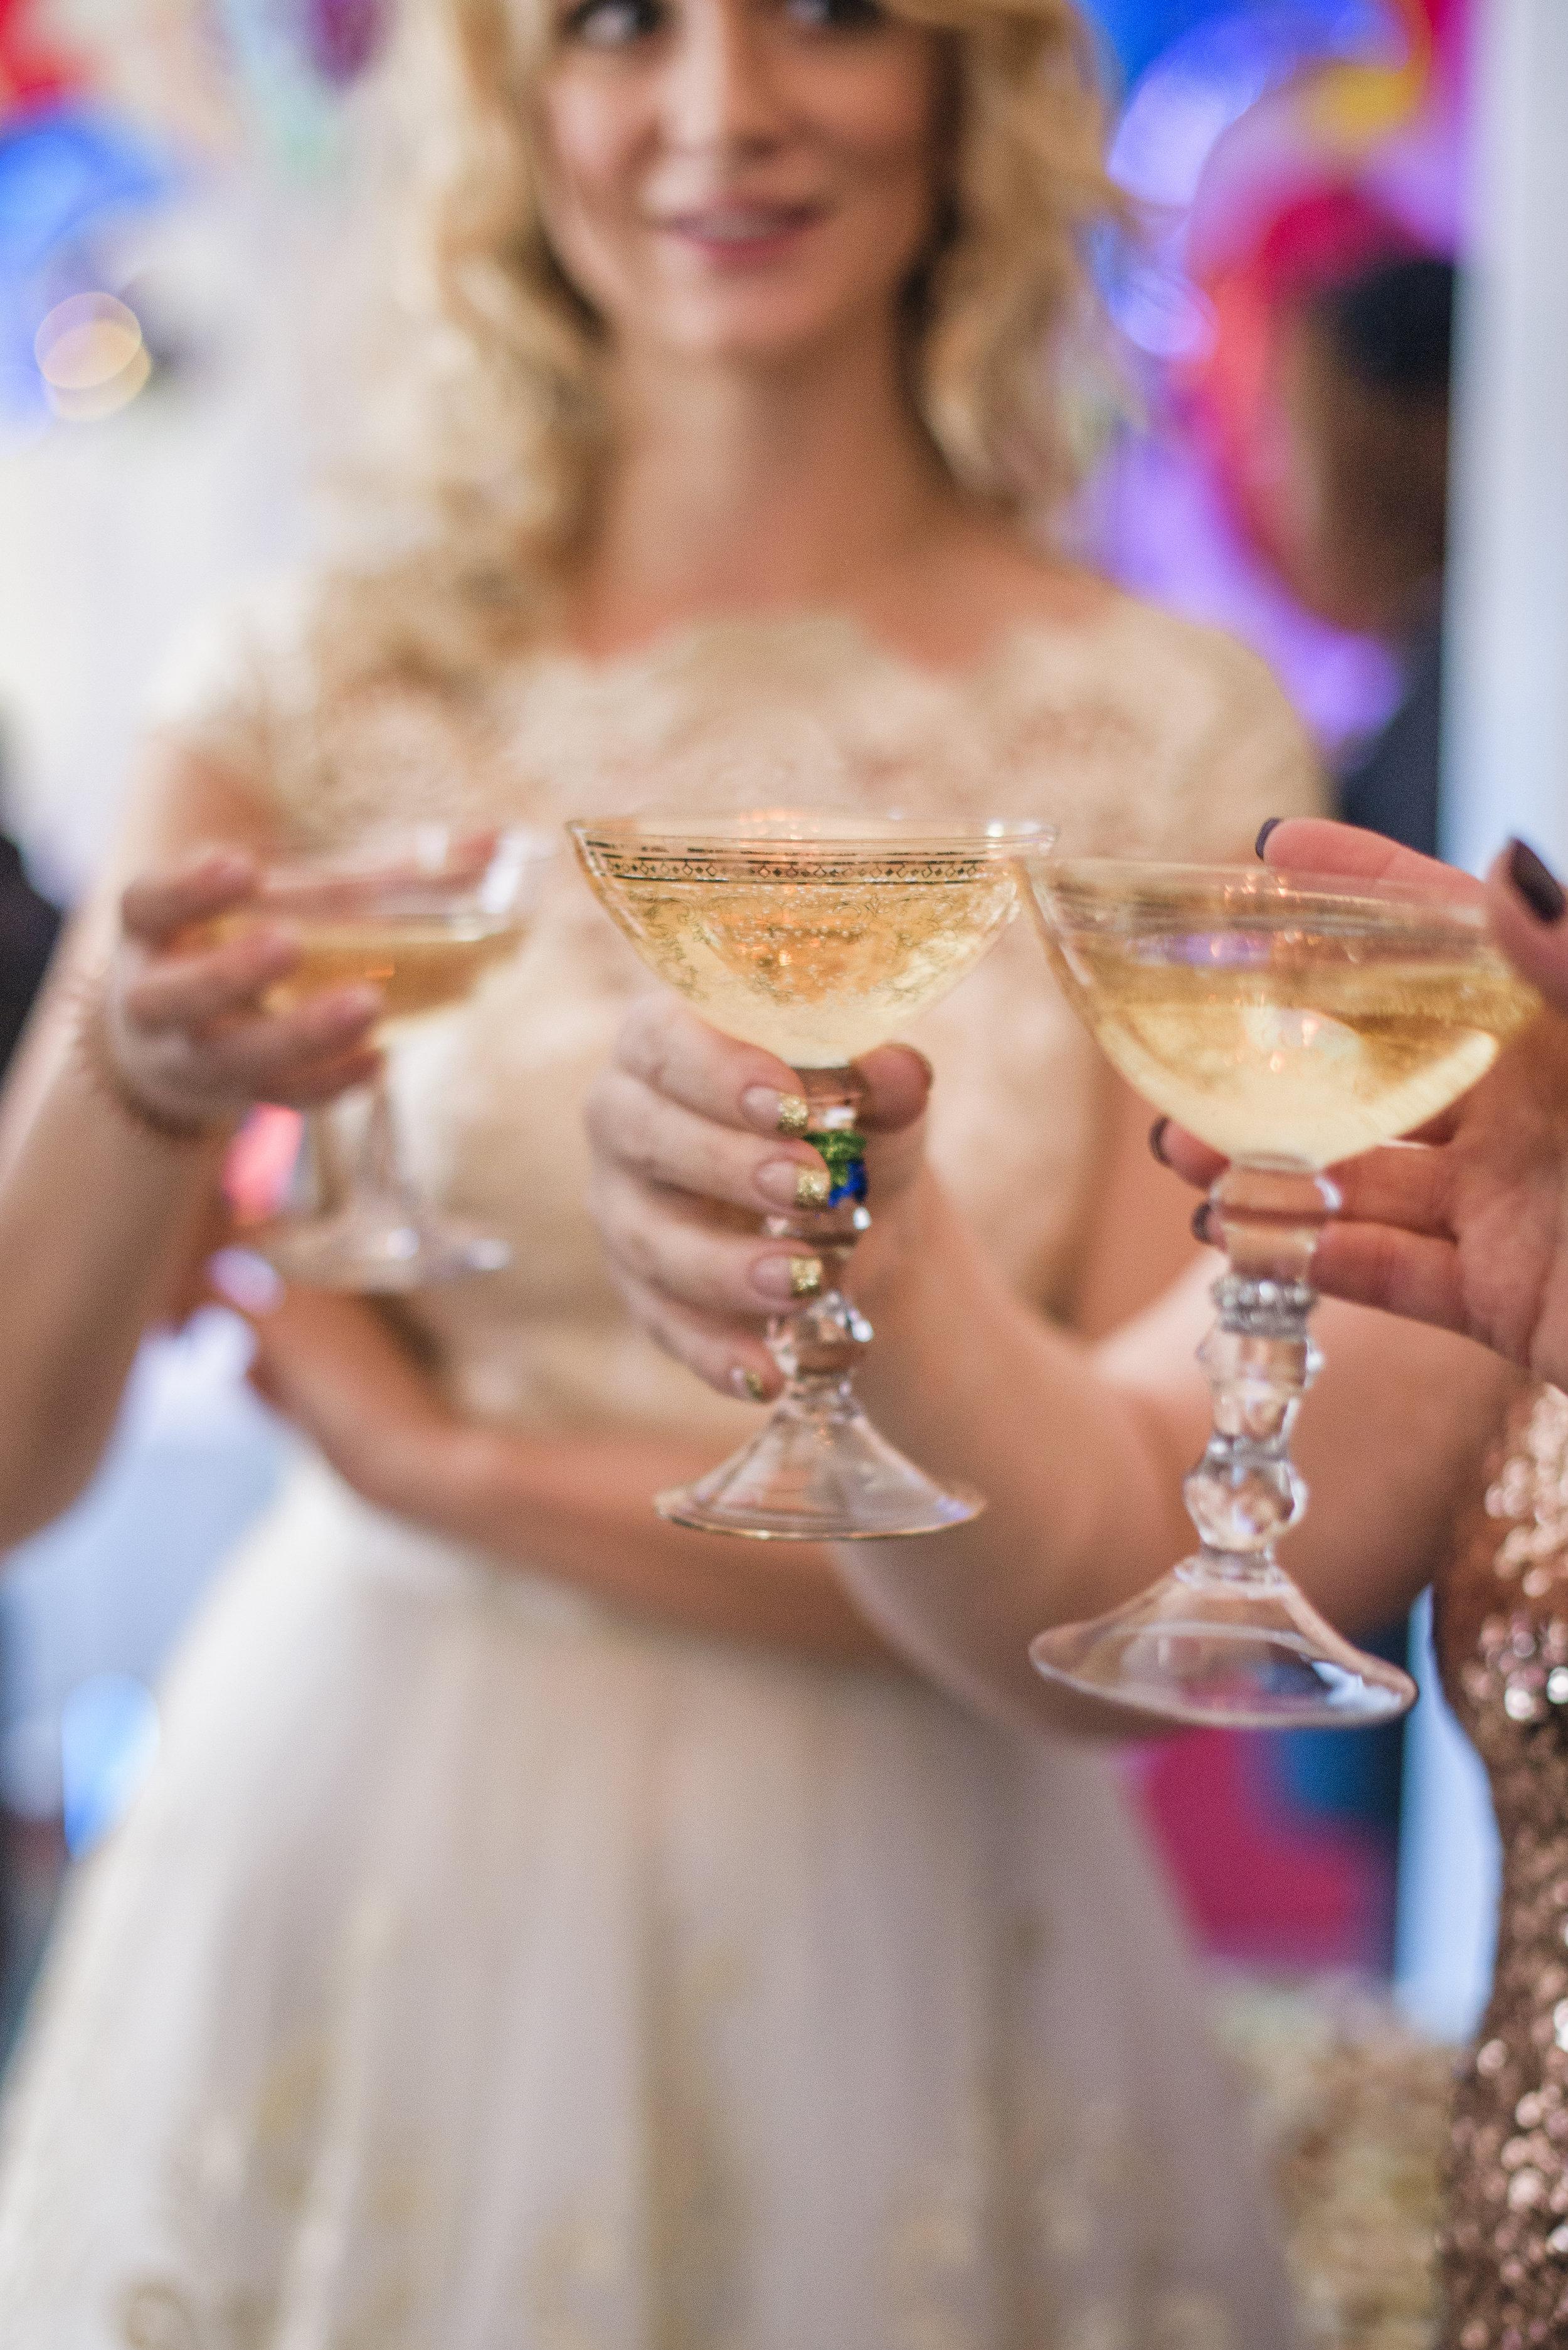 CHAMPAGNEPROVNING  Smak för det bästa eller det bubbligaste? Champagneprovning går alltid hem.En blindprovning är roligast!